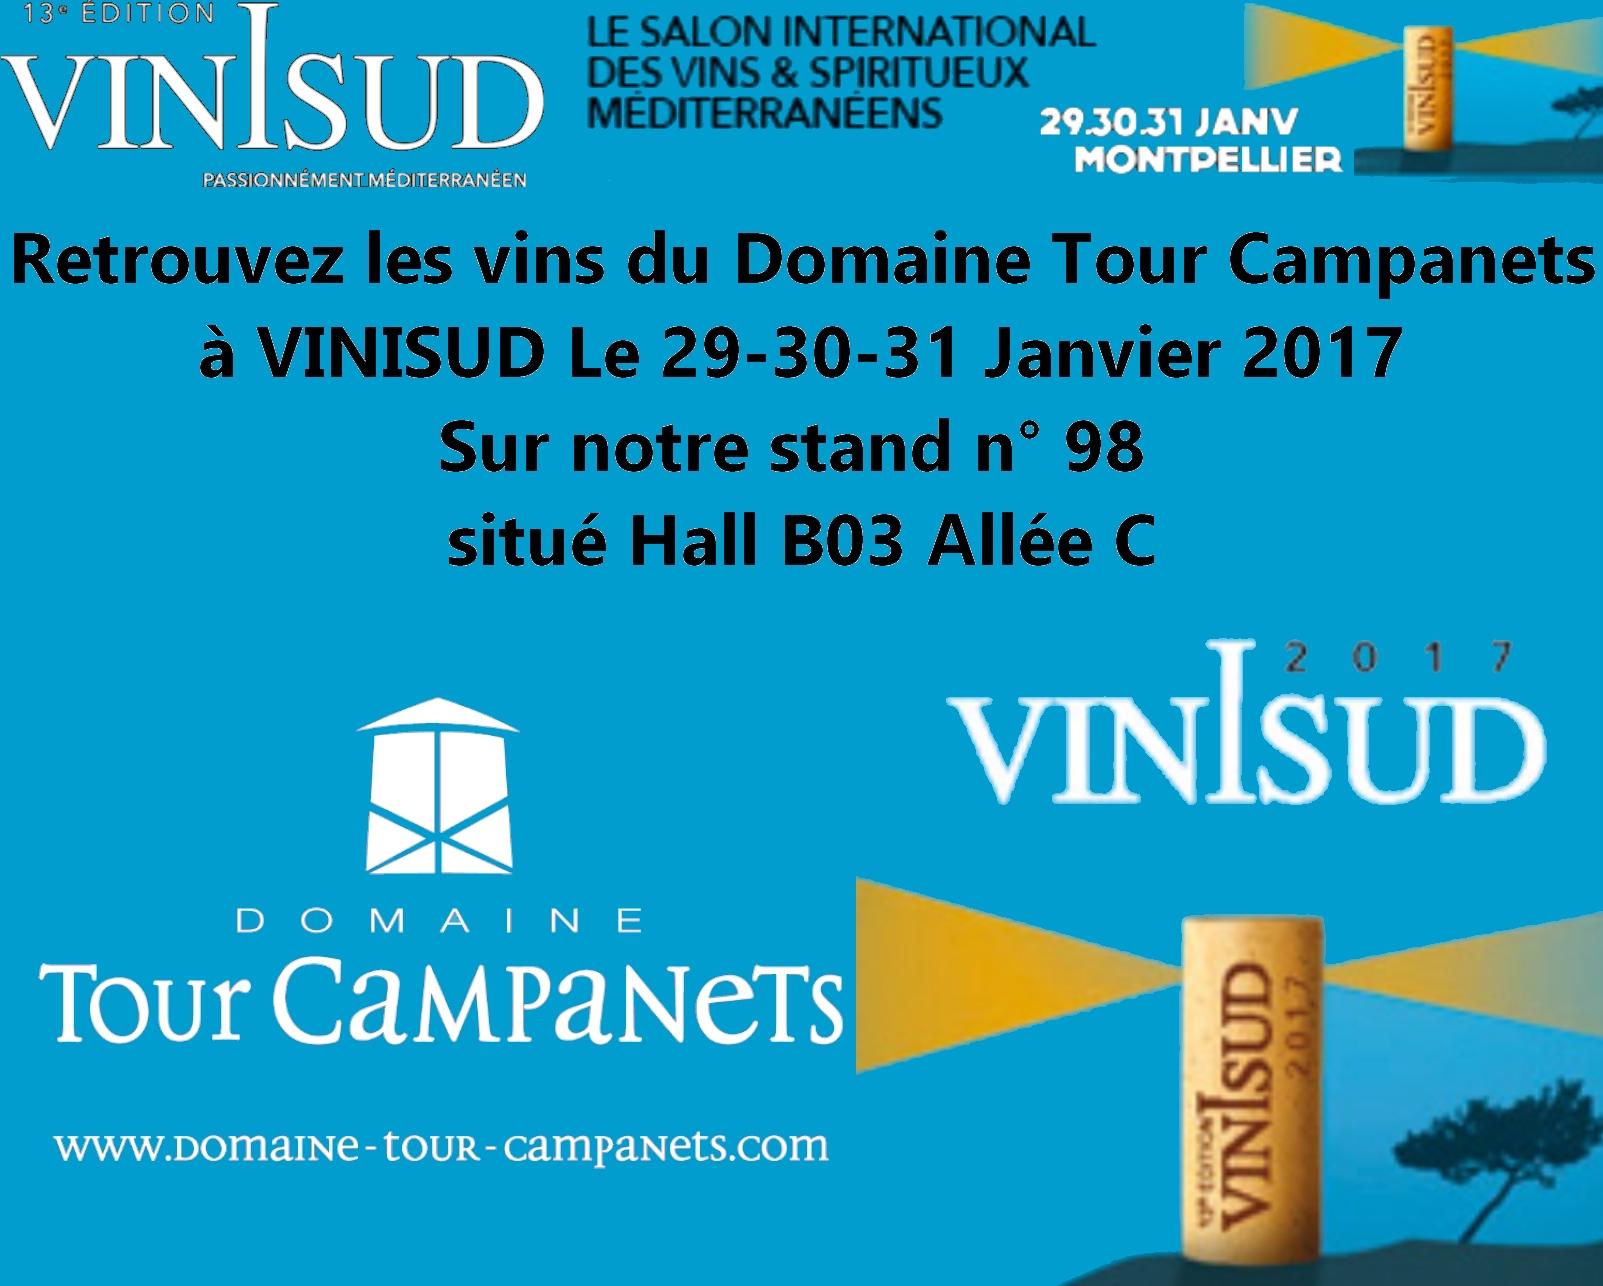 VINISUD 2017 DOMAINE TOUR CAMPANETS VINS DE PROVENCE